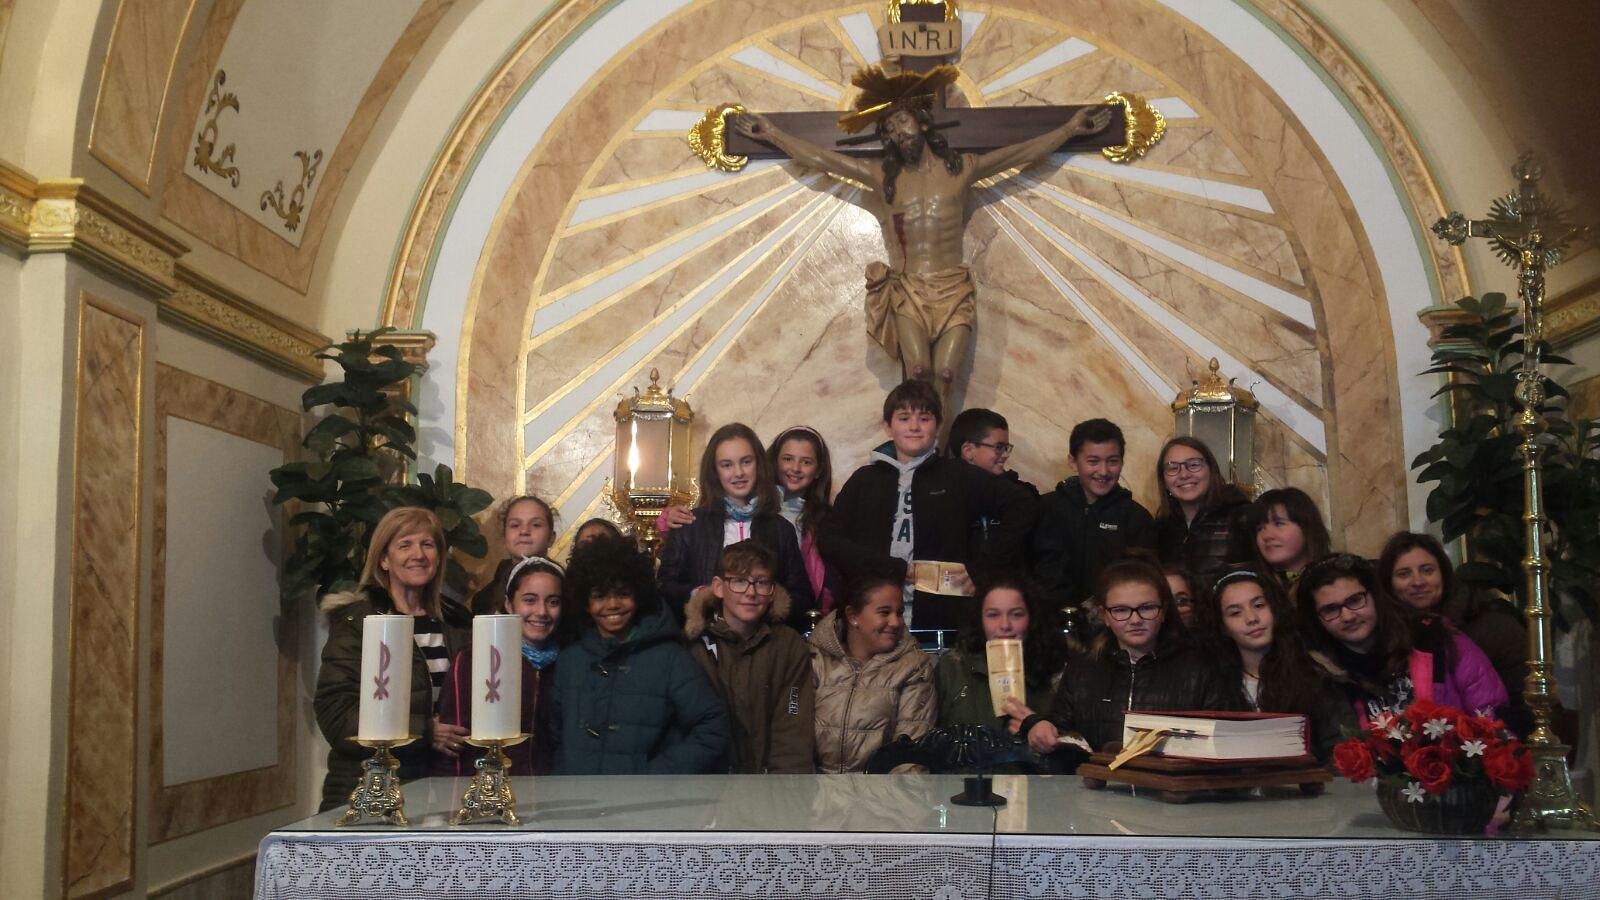 (2018-03-19) - Visita ermita alumnos Yolanda,6º, profesora religión Virrey Poveda - Marzo -  María Isabel Berenguer Brotons - (01)